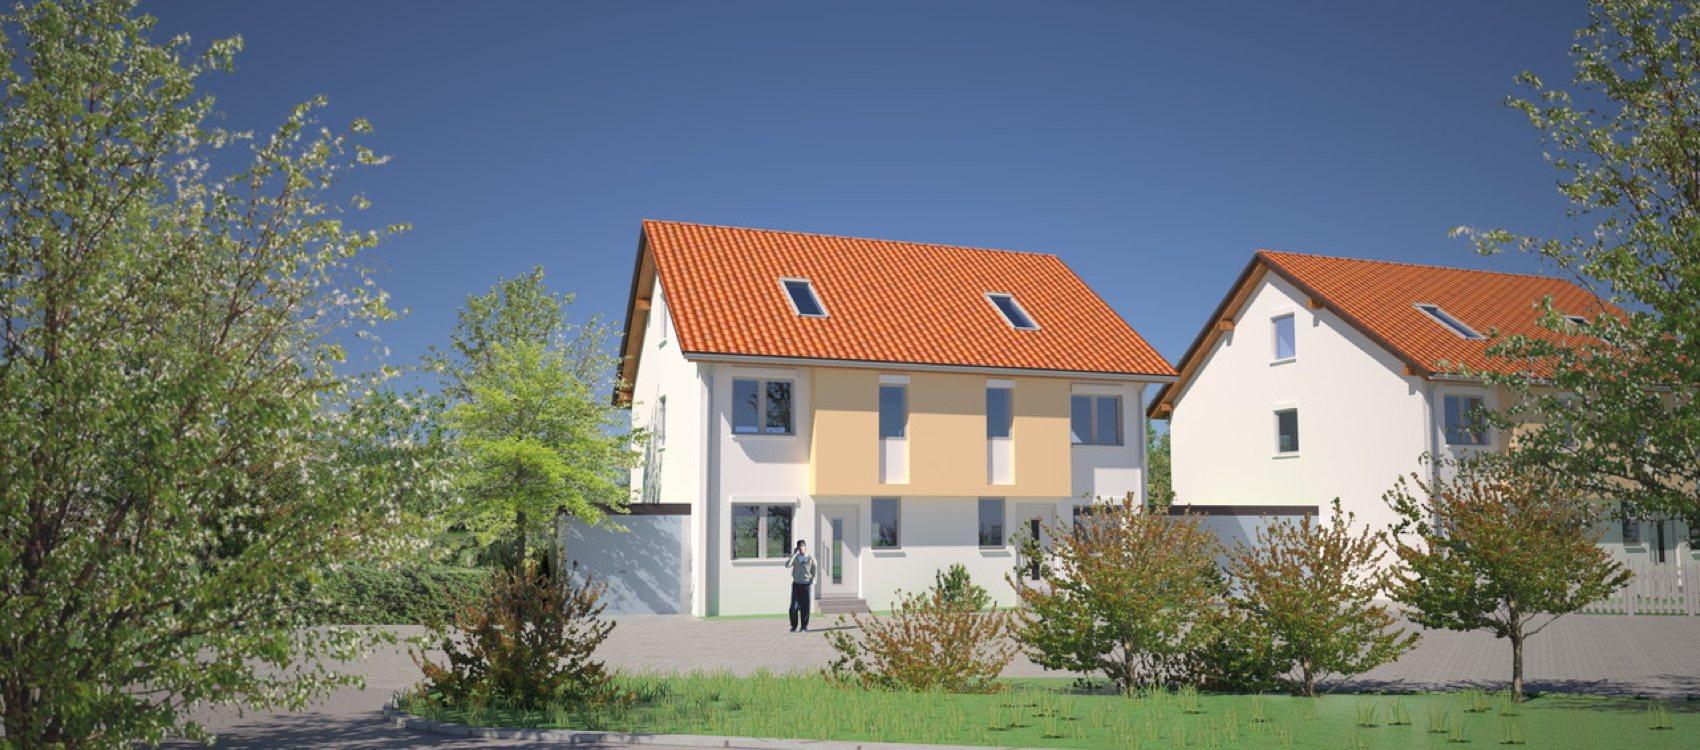 Neubauprojekt in Niederaichbach